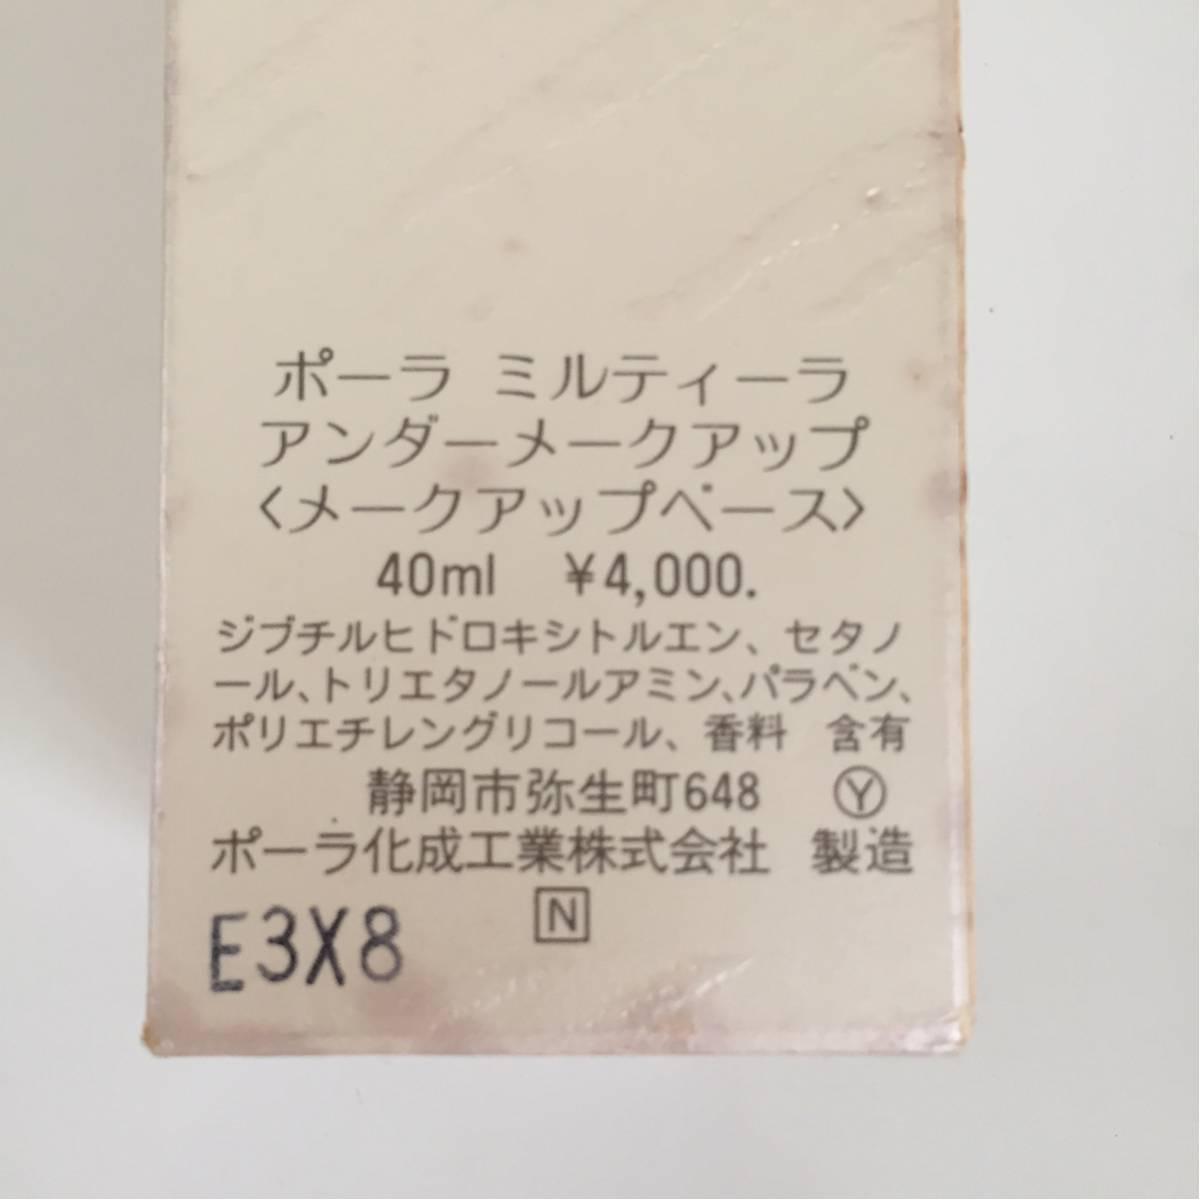 新品 ポーラ ミルティーラ アンダーメークアップ 40ml 定価4000円_画像2